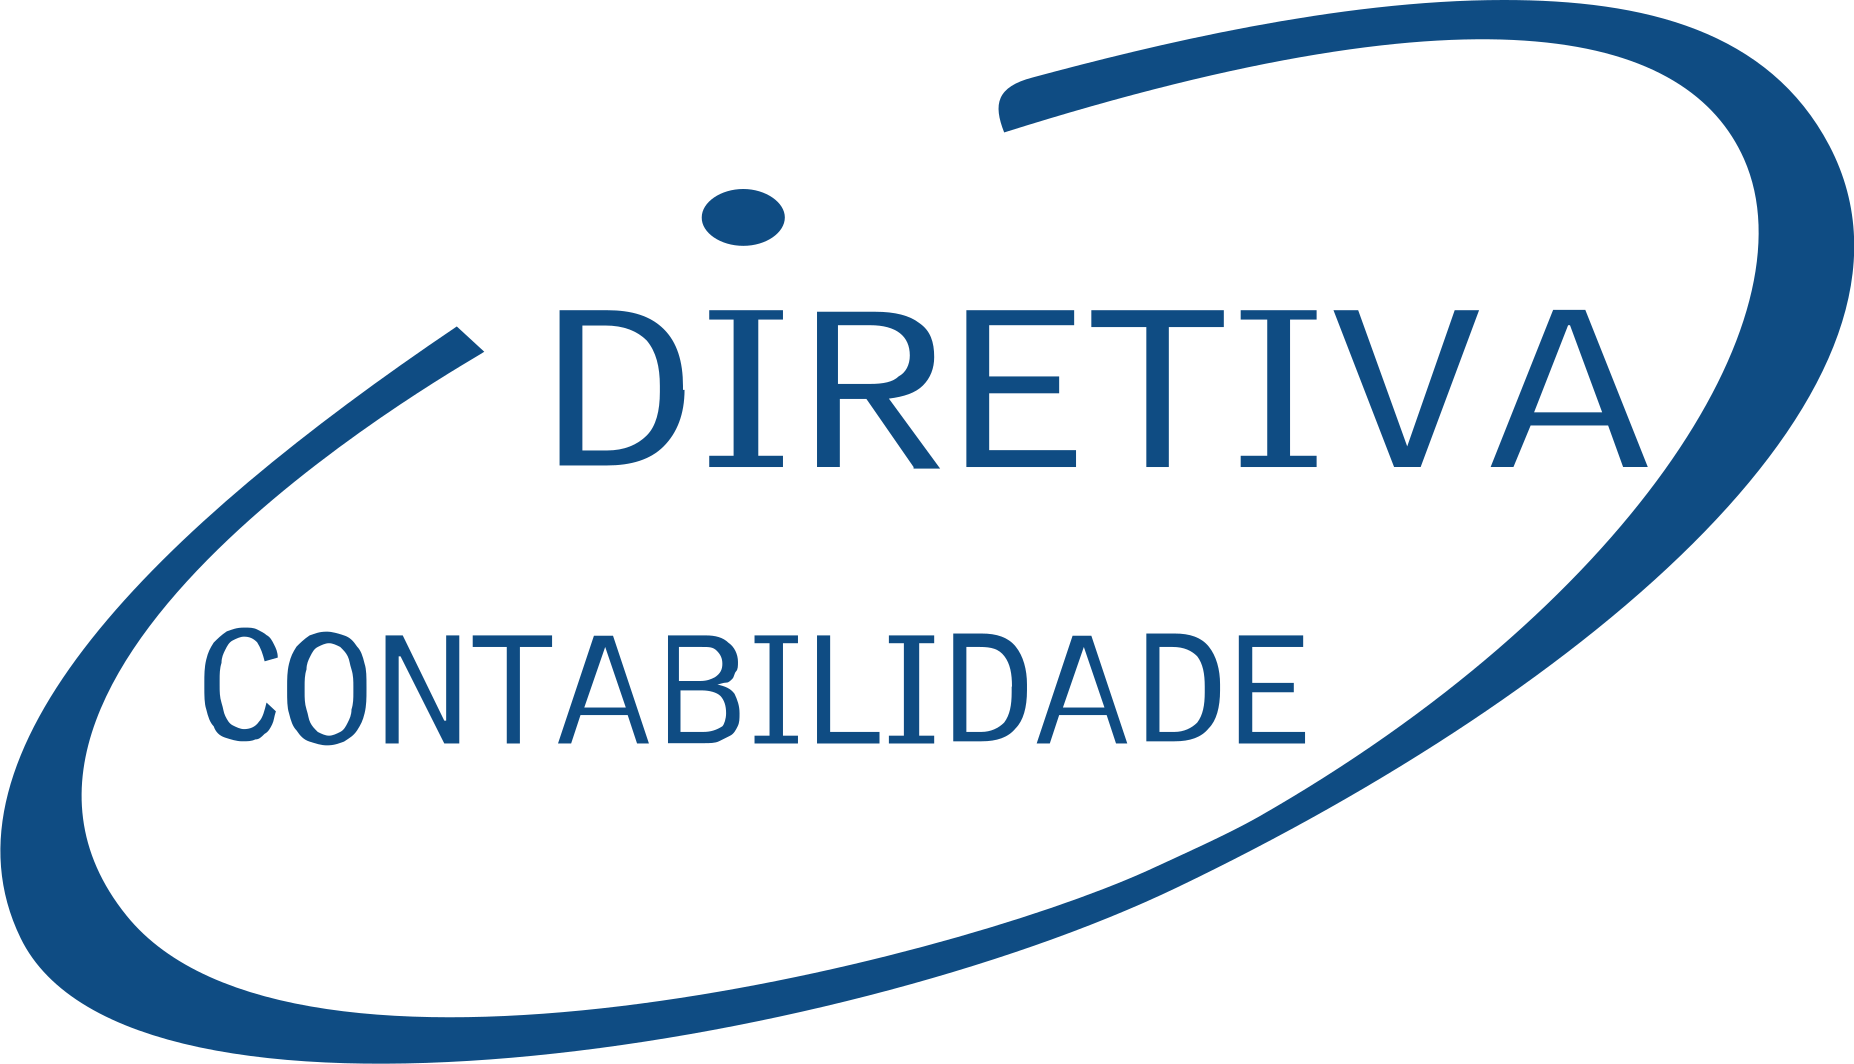 Diretiva Contabilidade Curitiba